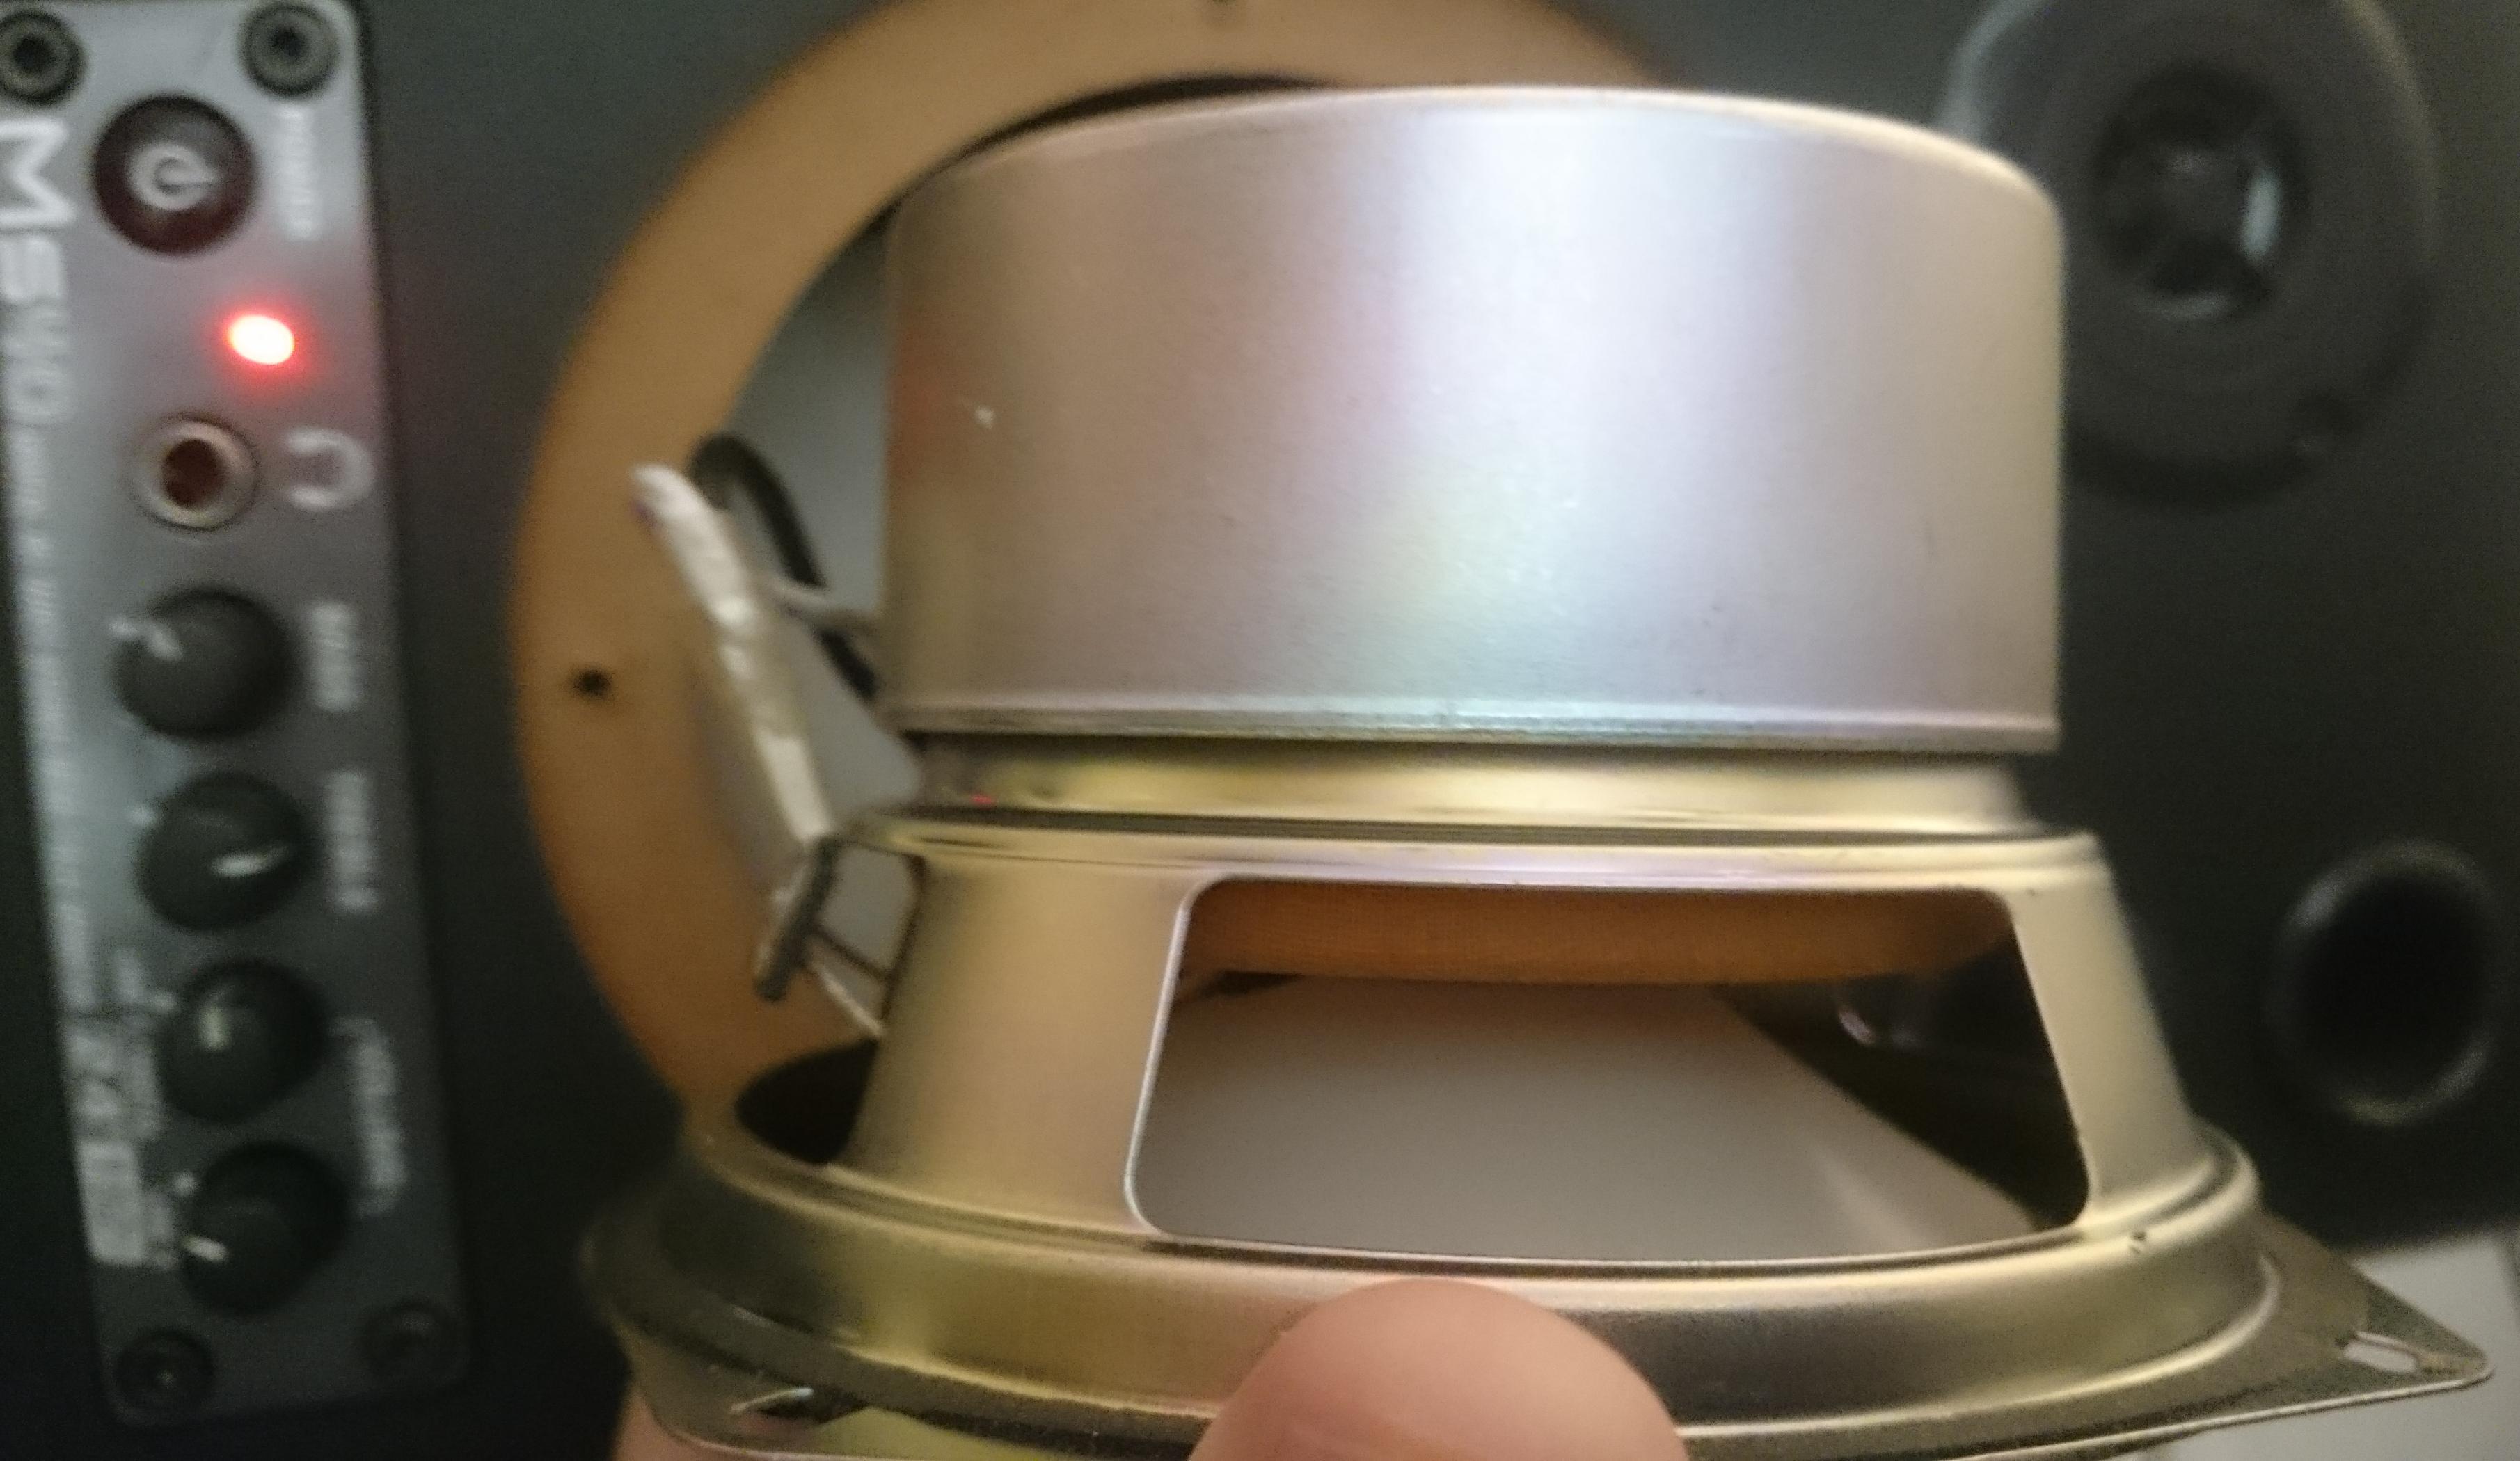 Haut-parleur / Enceinte extérieure pour émetteur-récepteur radioamateur : Faire le bon choix pour ses oreilles Behringer-ms40-hp2